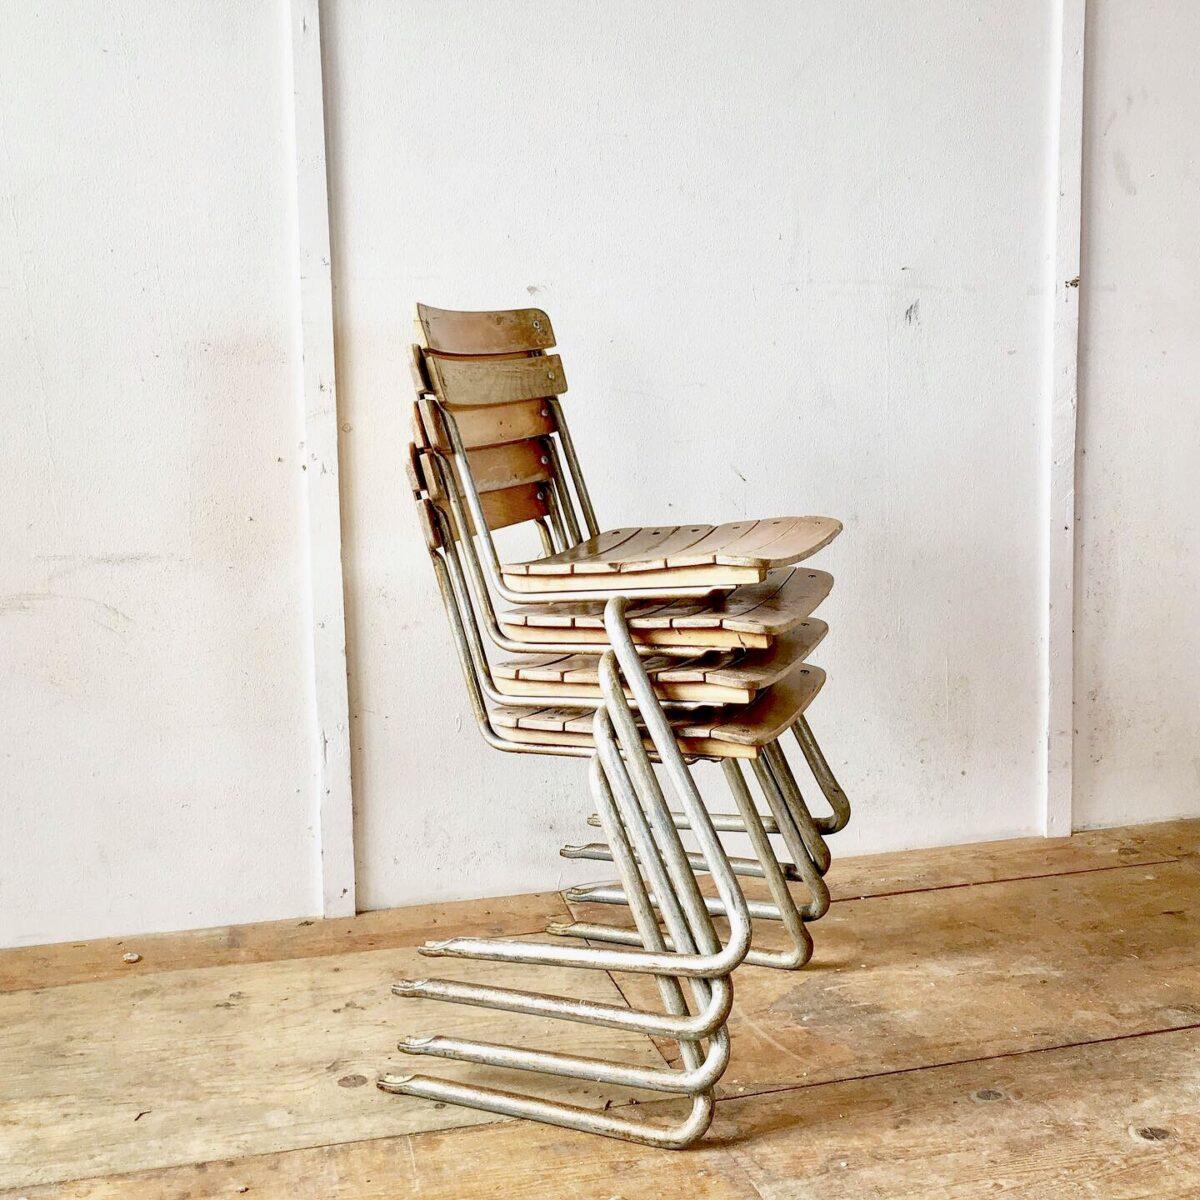 60 Stapelbare Freischwinger Stühle preis pro Stuhl. Metallgestell mit regelmässiger Patina. Lättli in sehr verschiedenem Zustand, der Lack ist teilweise noch gut, gesplittert oder ganz weg. Die Holz Substanz ist intakt, lättli können gut geschliffen werden.